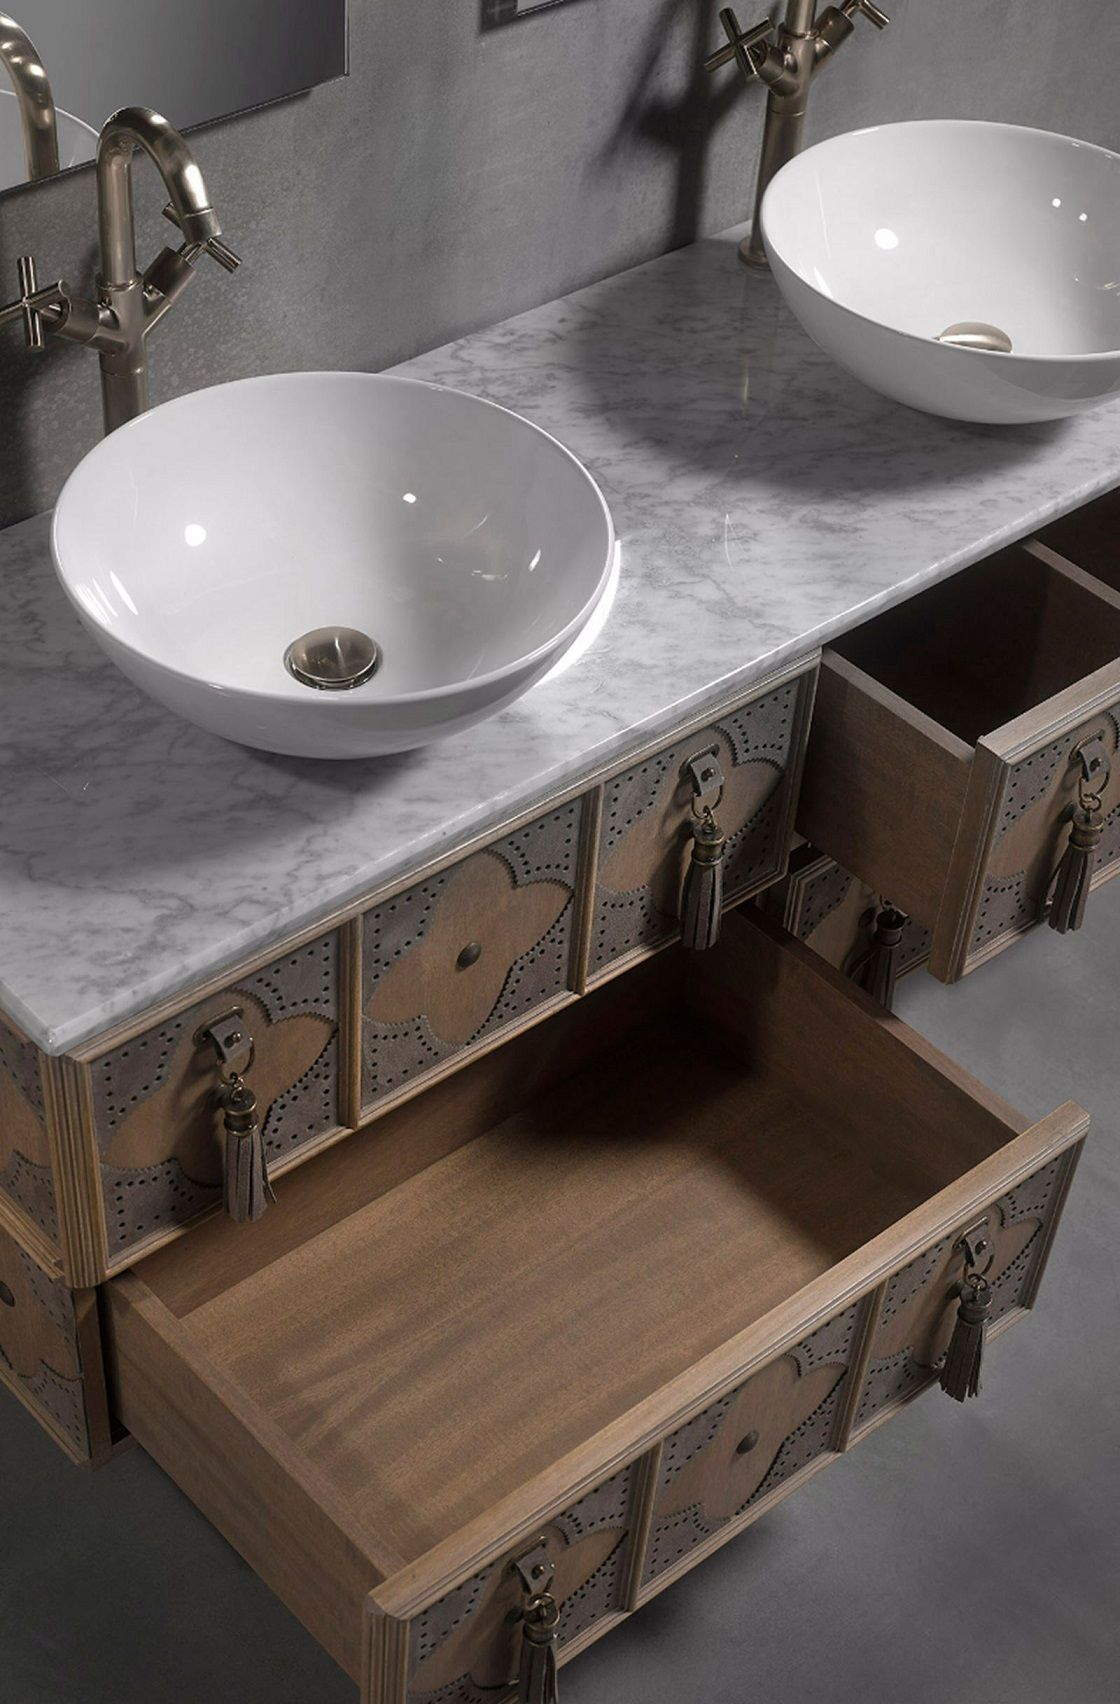 ארון אמבטיה ייחודי ולנטינה בגוון …